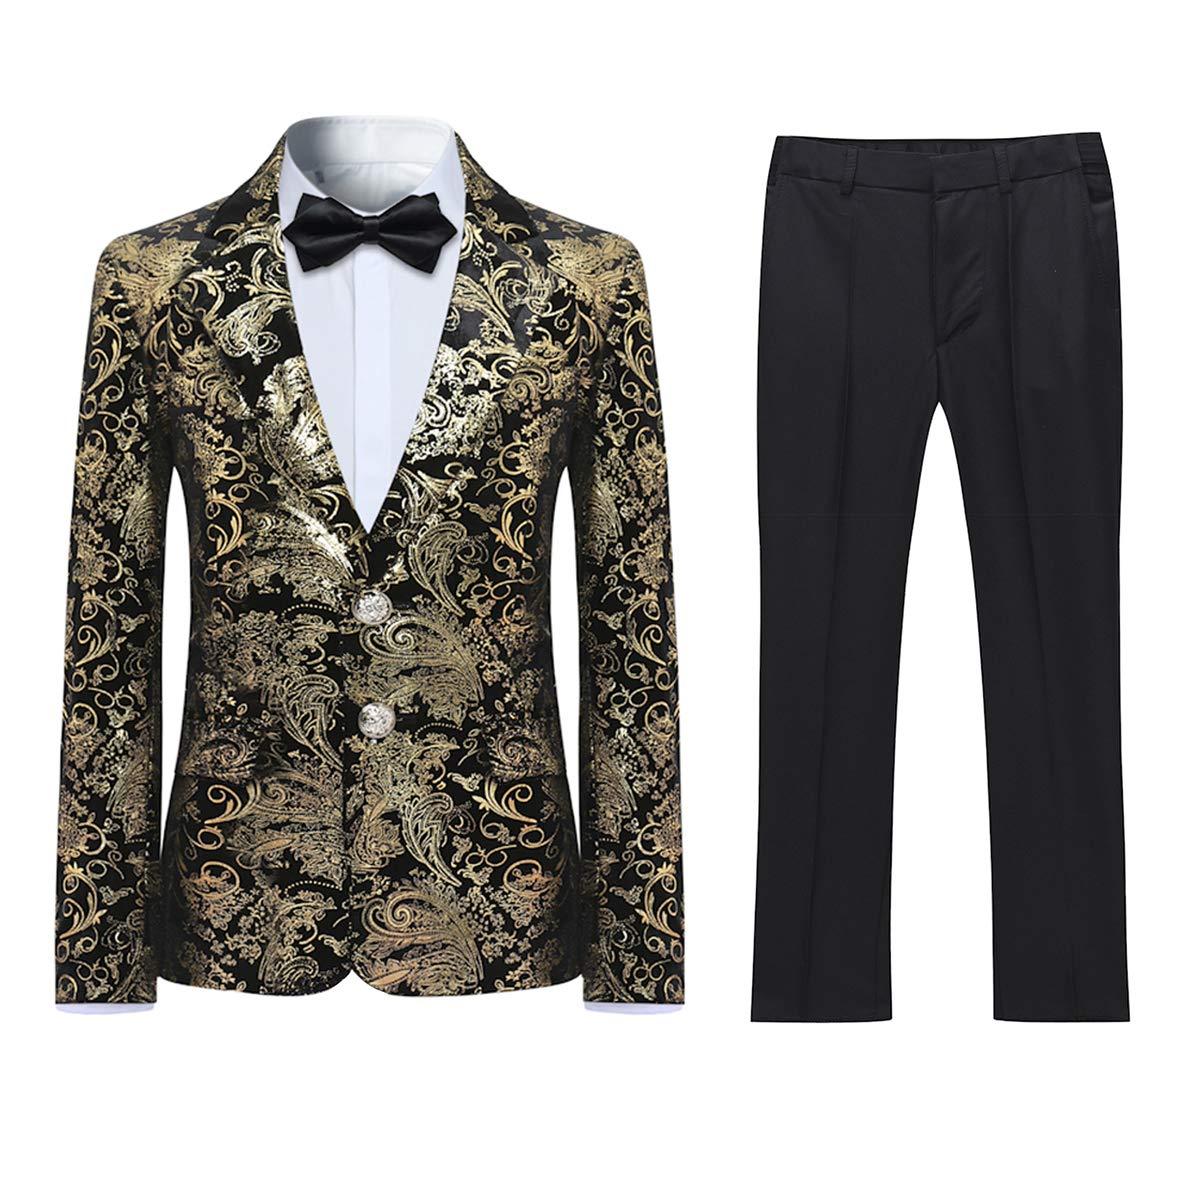 Boyland Boys Tuexdo Suit Formal Golden Jacquard Jacket Pants Black Suit Set